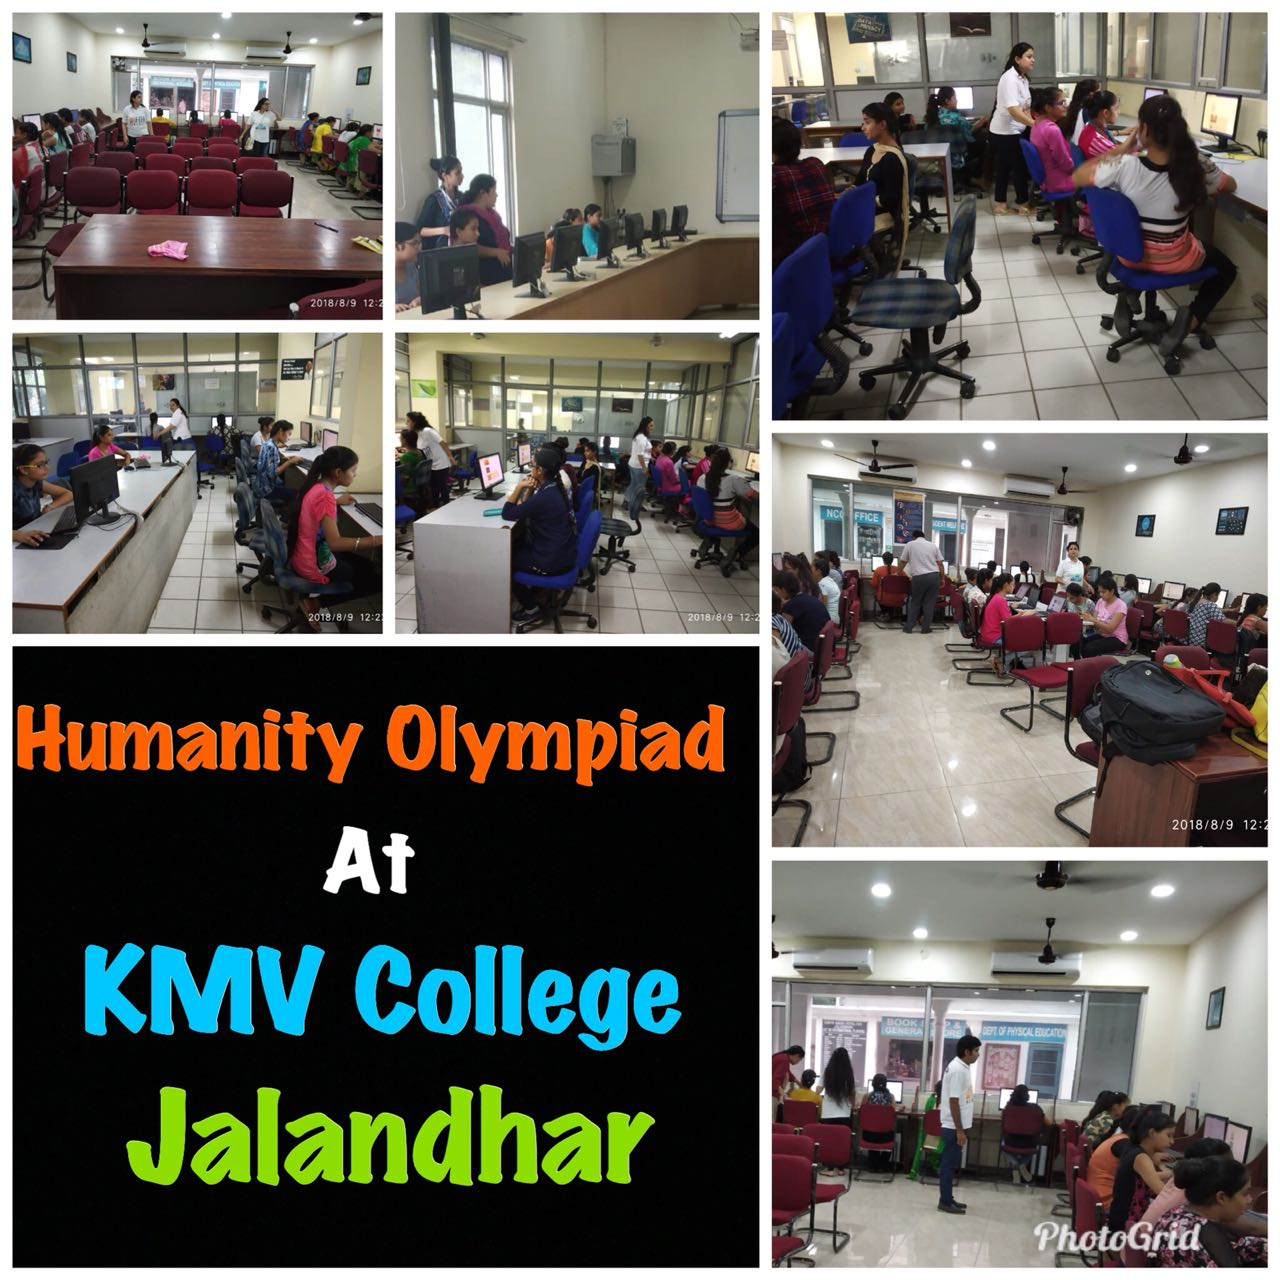 KMV College Jalandhar.jpeg